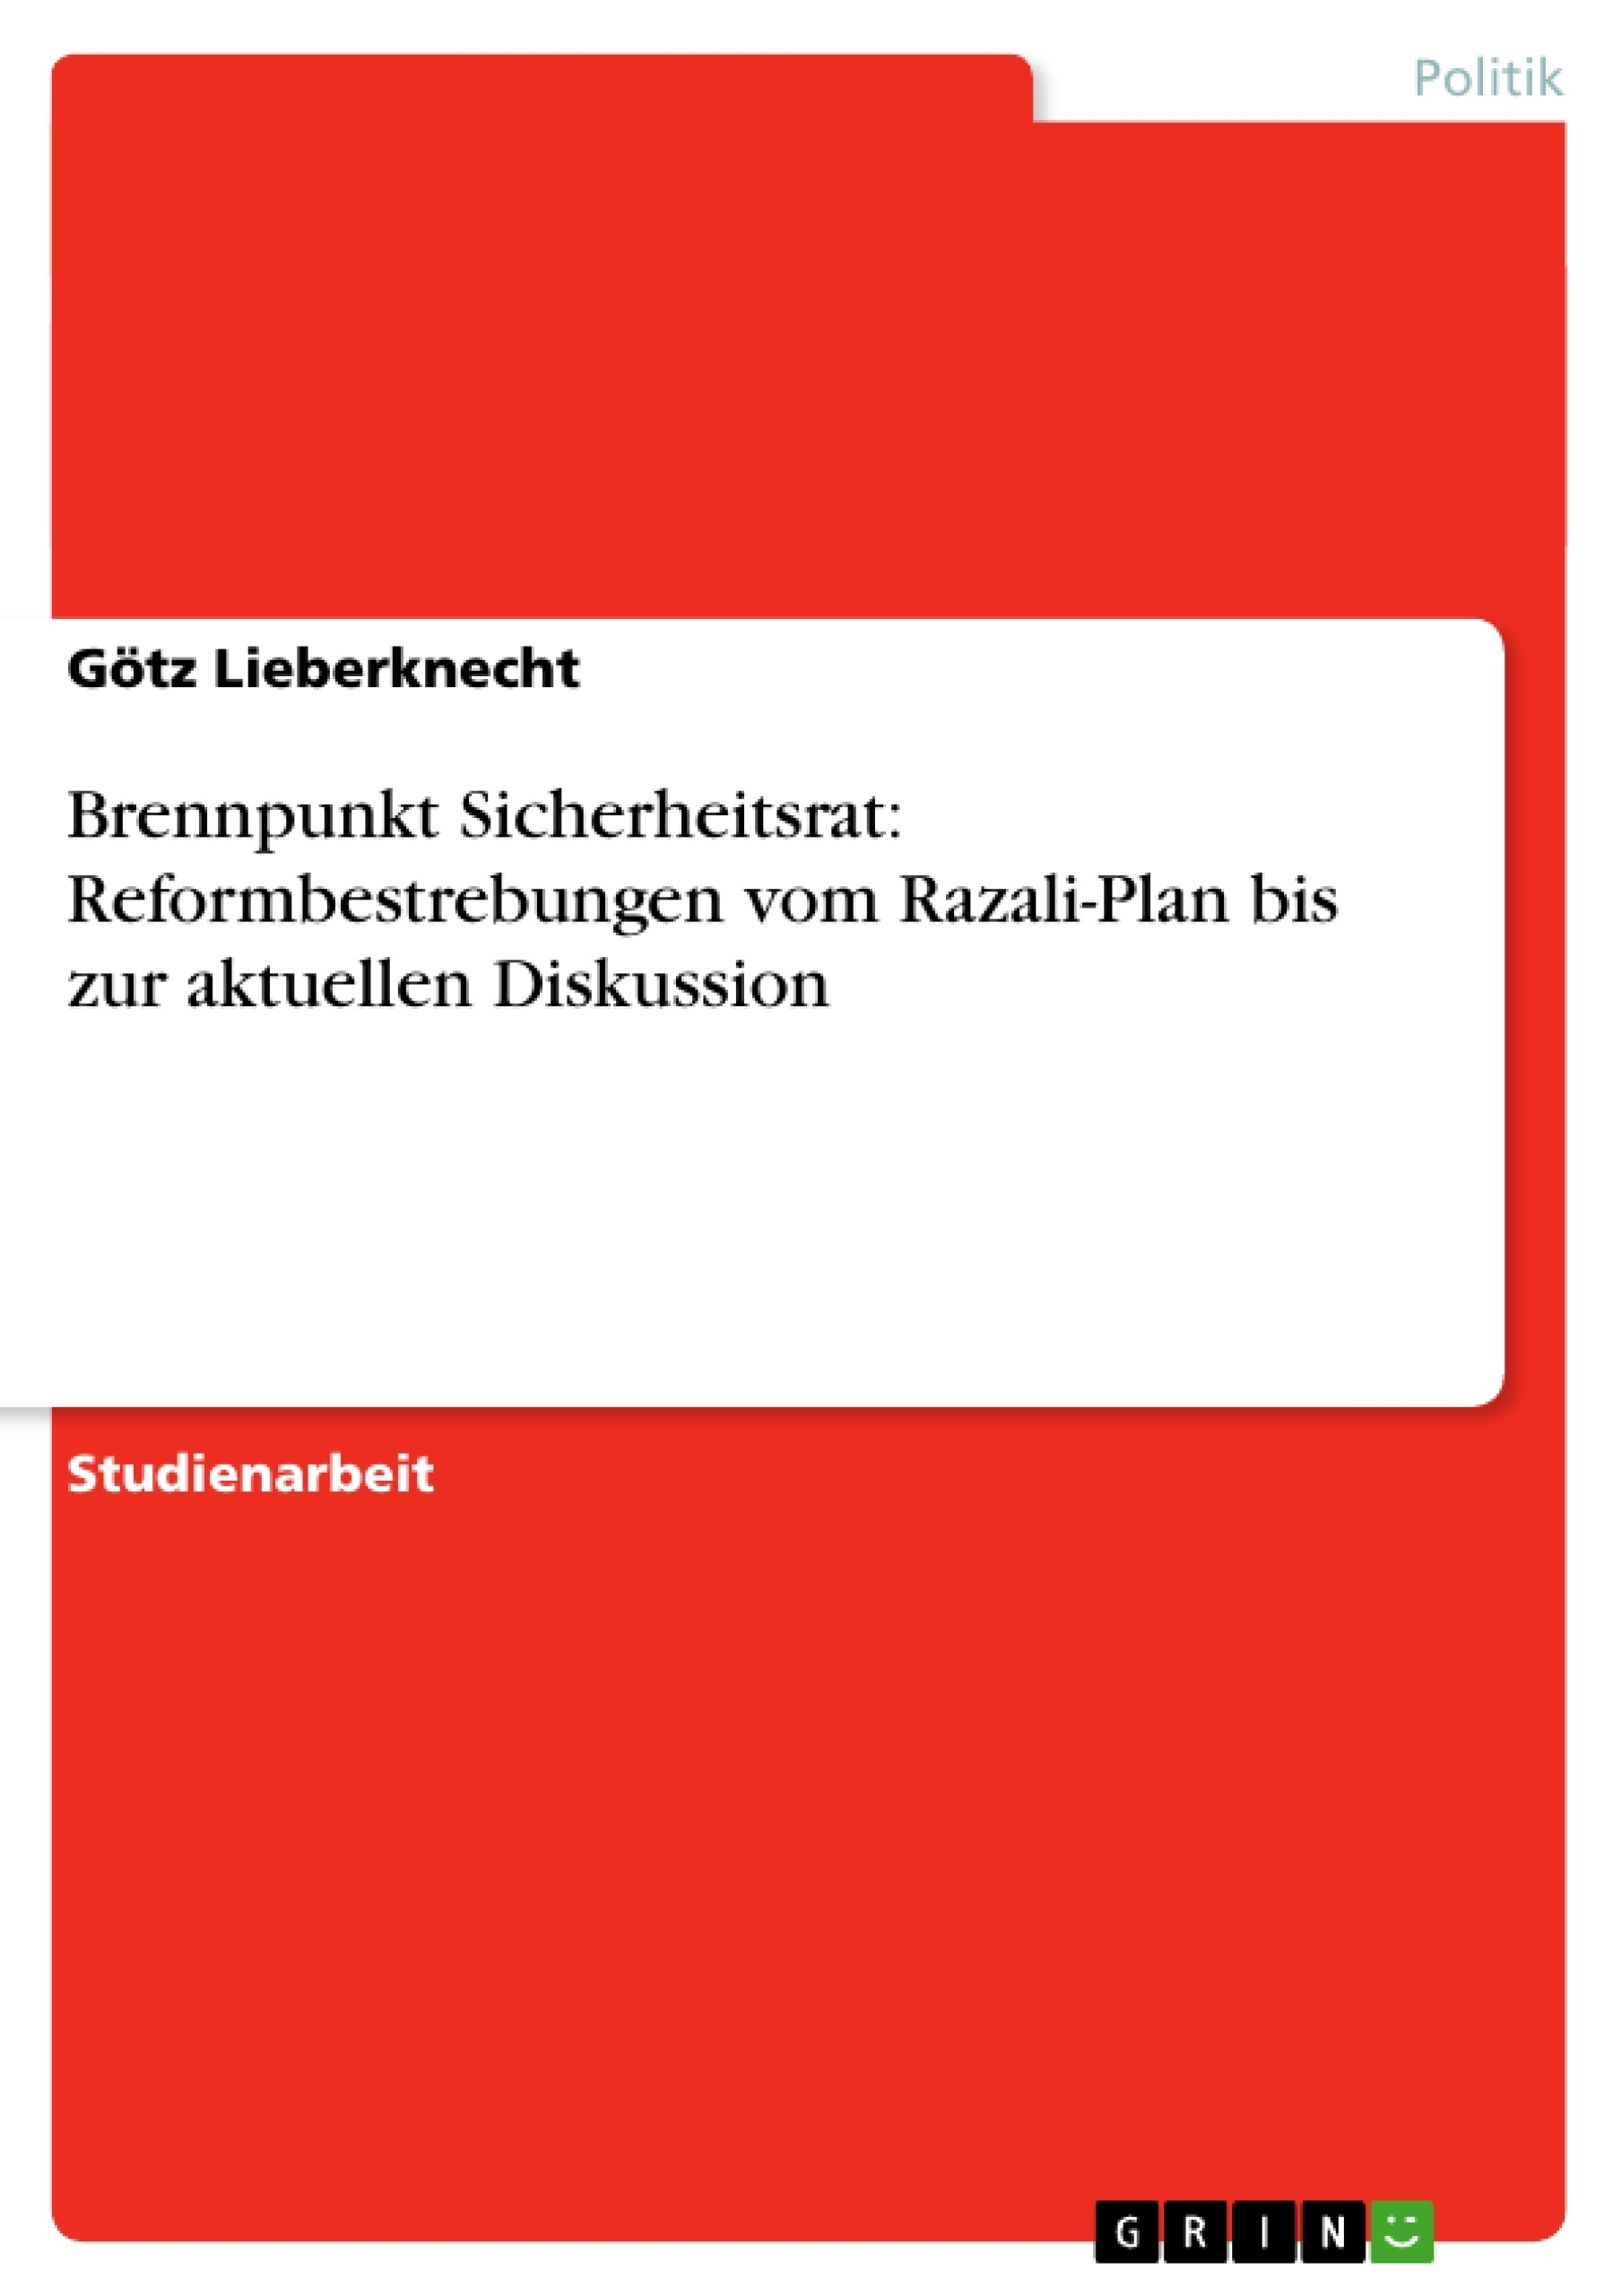 Titel: Brennpunkt Sicherheitsrat: Reformbestrebungen vom Razali-Plan bis zur aktuellen Diskussion